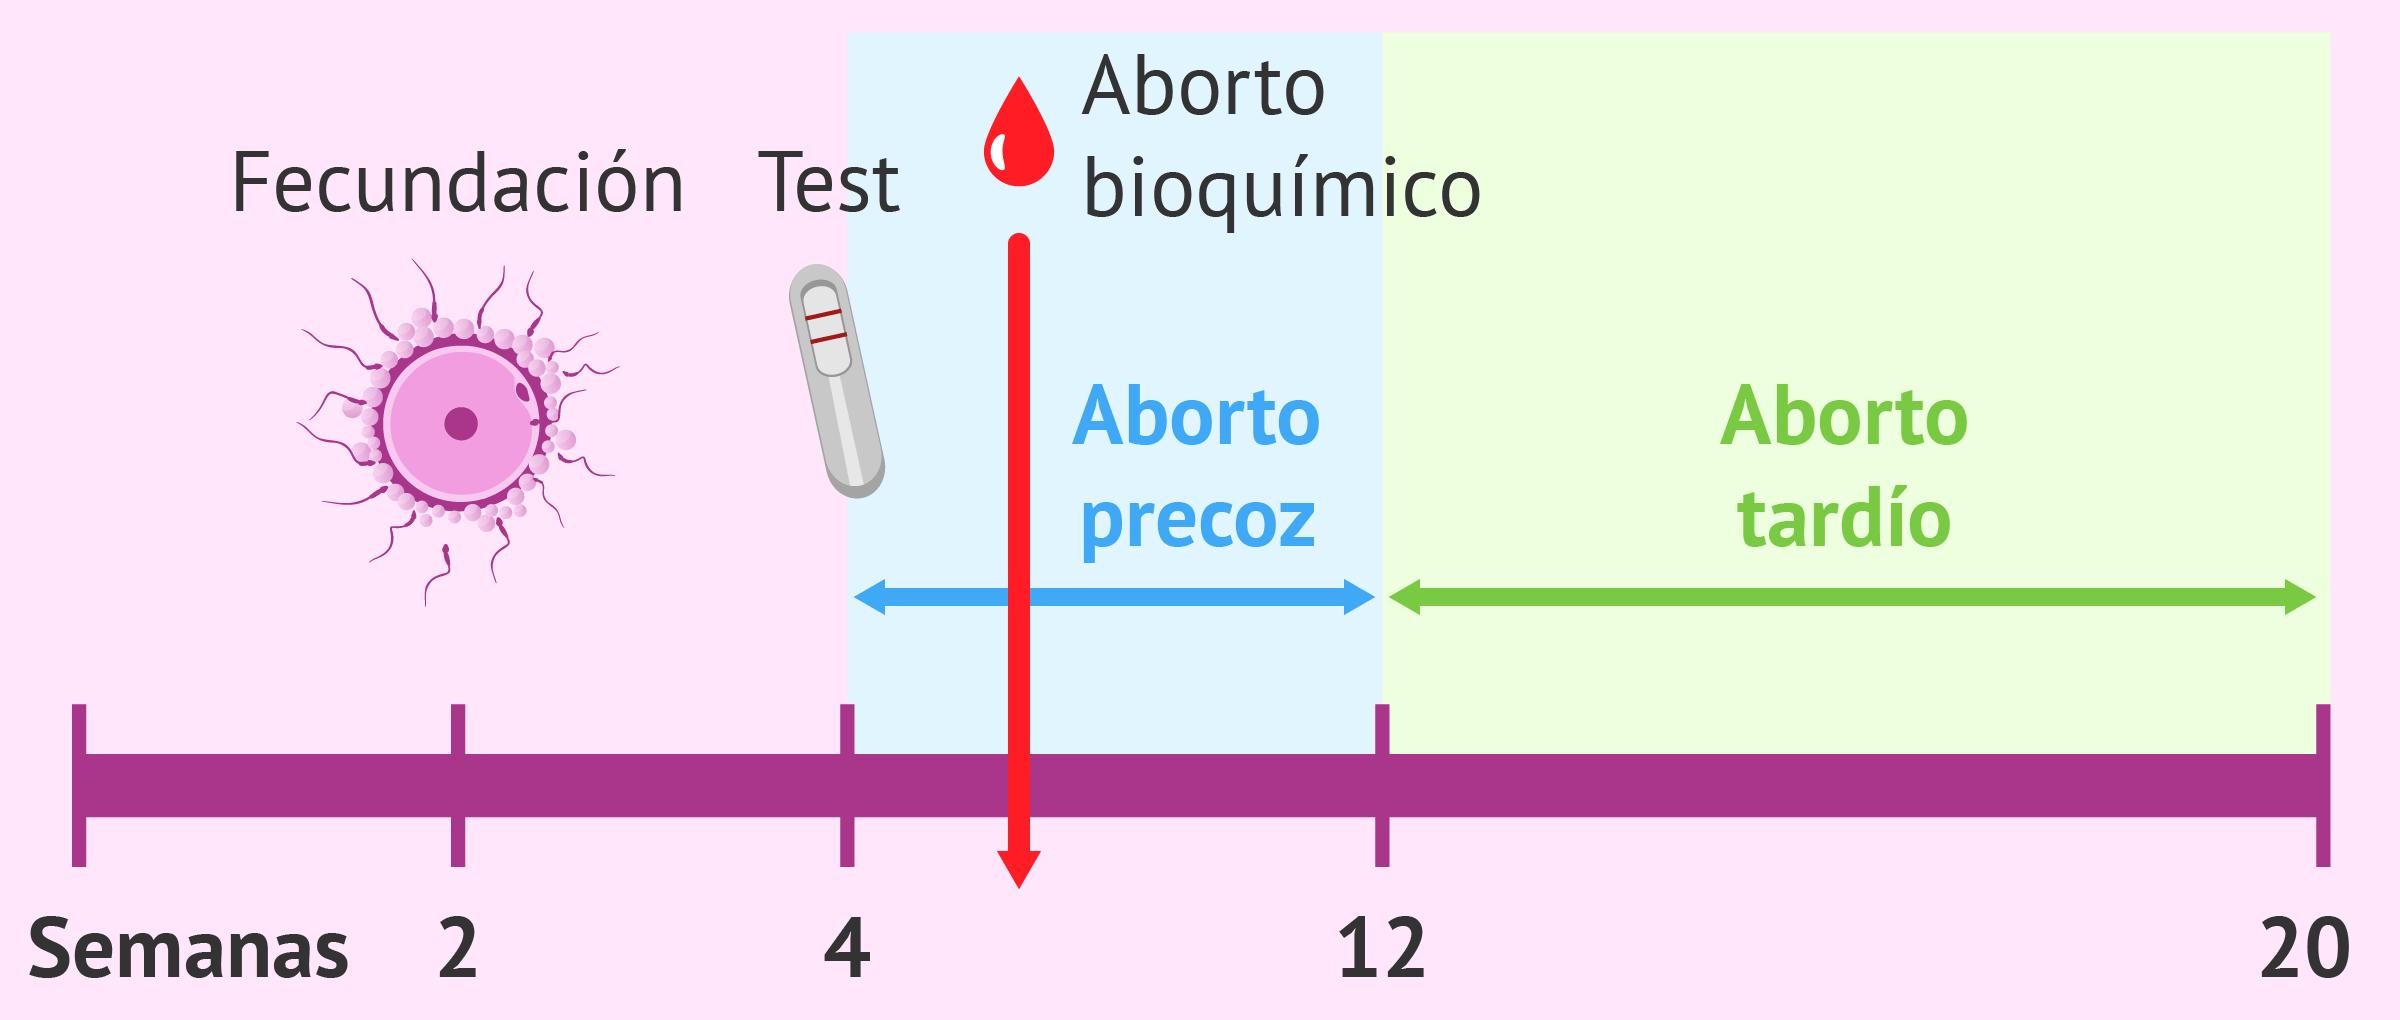 Tipos De Aborto Espontáneo Cuántos Hay Y Cómo Se Diferencian